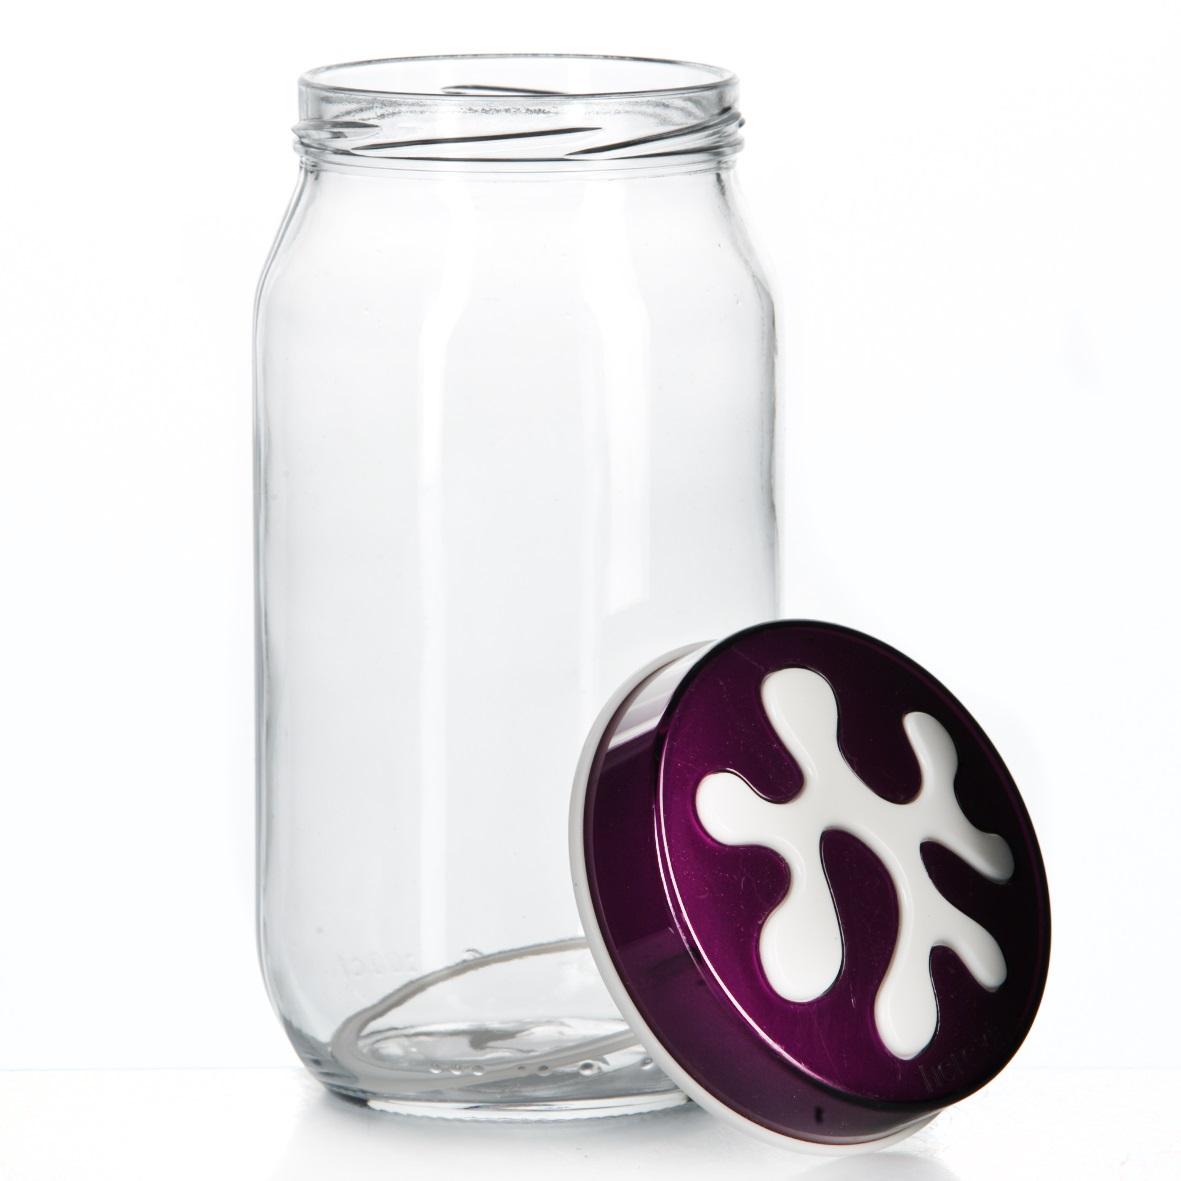 Банка для сыпучих продуктов Herevin, цвет: фиолетовый, 1 л. 135377-003135377-003Банка для сыпучих продуктов Herevin изготовлена из прочного стекла и оснащена плотно закрывающейся пластиковой крышкой. Благодаря этому внутри сохраняется герметичность, и продукты дольше остаются свежими. Изделие предназначено для хранения различных сыпучих продуктов: круп, чая, сахара, орехов и т.д. Функциональная и вместительная, такая банка станет незаменимым аксессуаром на любой кухне. Можно мыть в посудомоечной машине. Пластиковые части рекомендуется мыть вручную. Объем: 1 л. Диаметр (по верхнему краю): 7,5 см. Высота банки (без учета крышки): 18 см.